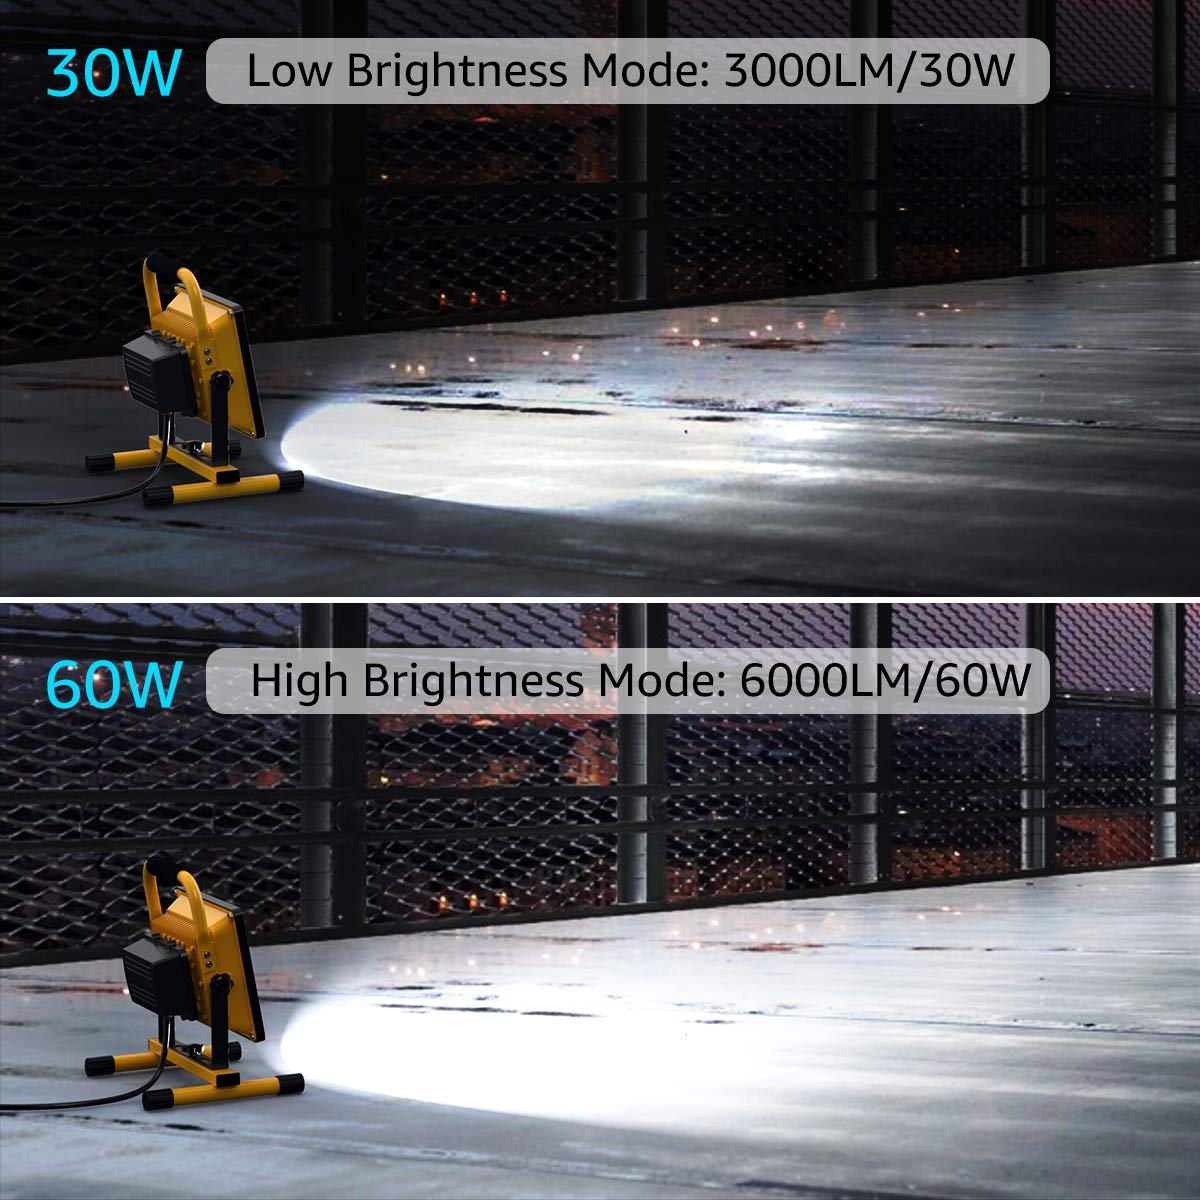 Olafus 60W LED Baustrahler 6000LM IP65 Wasserdicht LED Arbeitsleuchte Bauscheinwerfer mit EU-Stecker Baustelle 5000K Tageslichtwei/ß Garage Arbeitsscheinwerfer Strahler Fluter f/ür Werkst/ätte